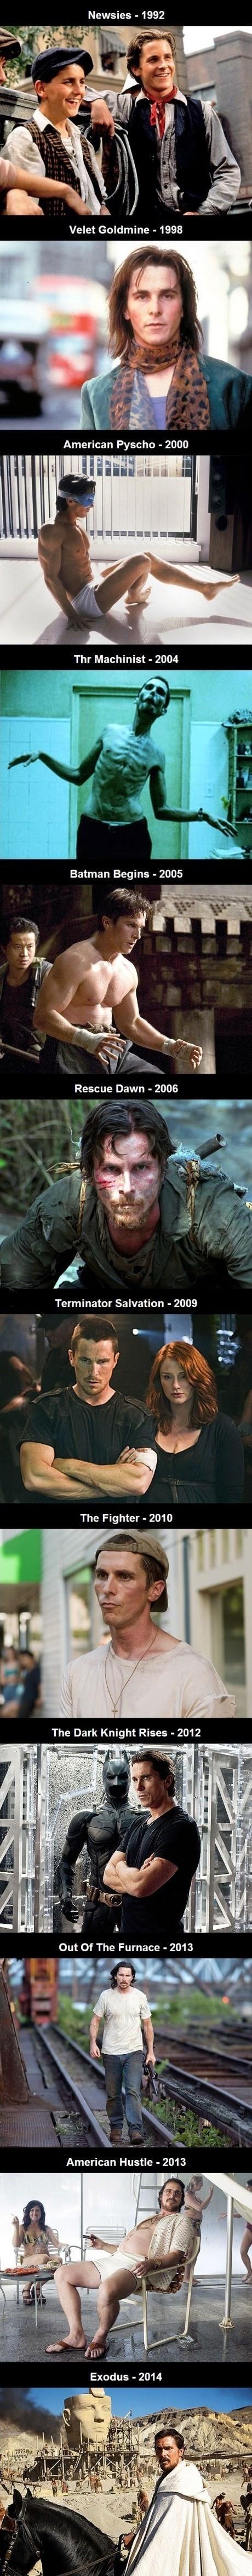 los cambios de cuerpo de Christian Bale segun su pelicula